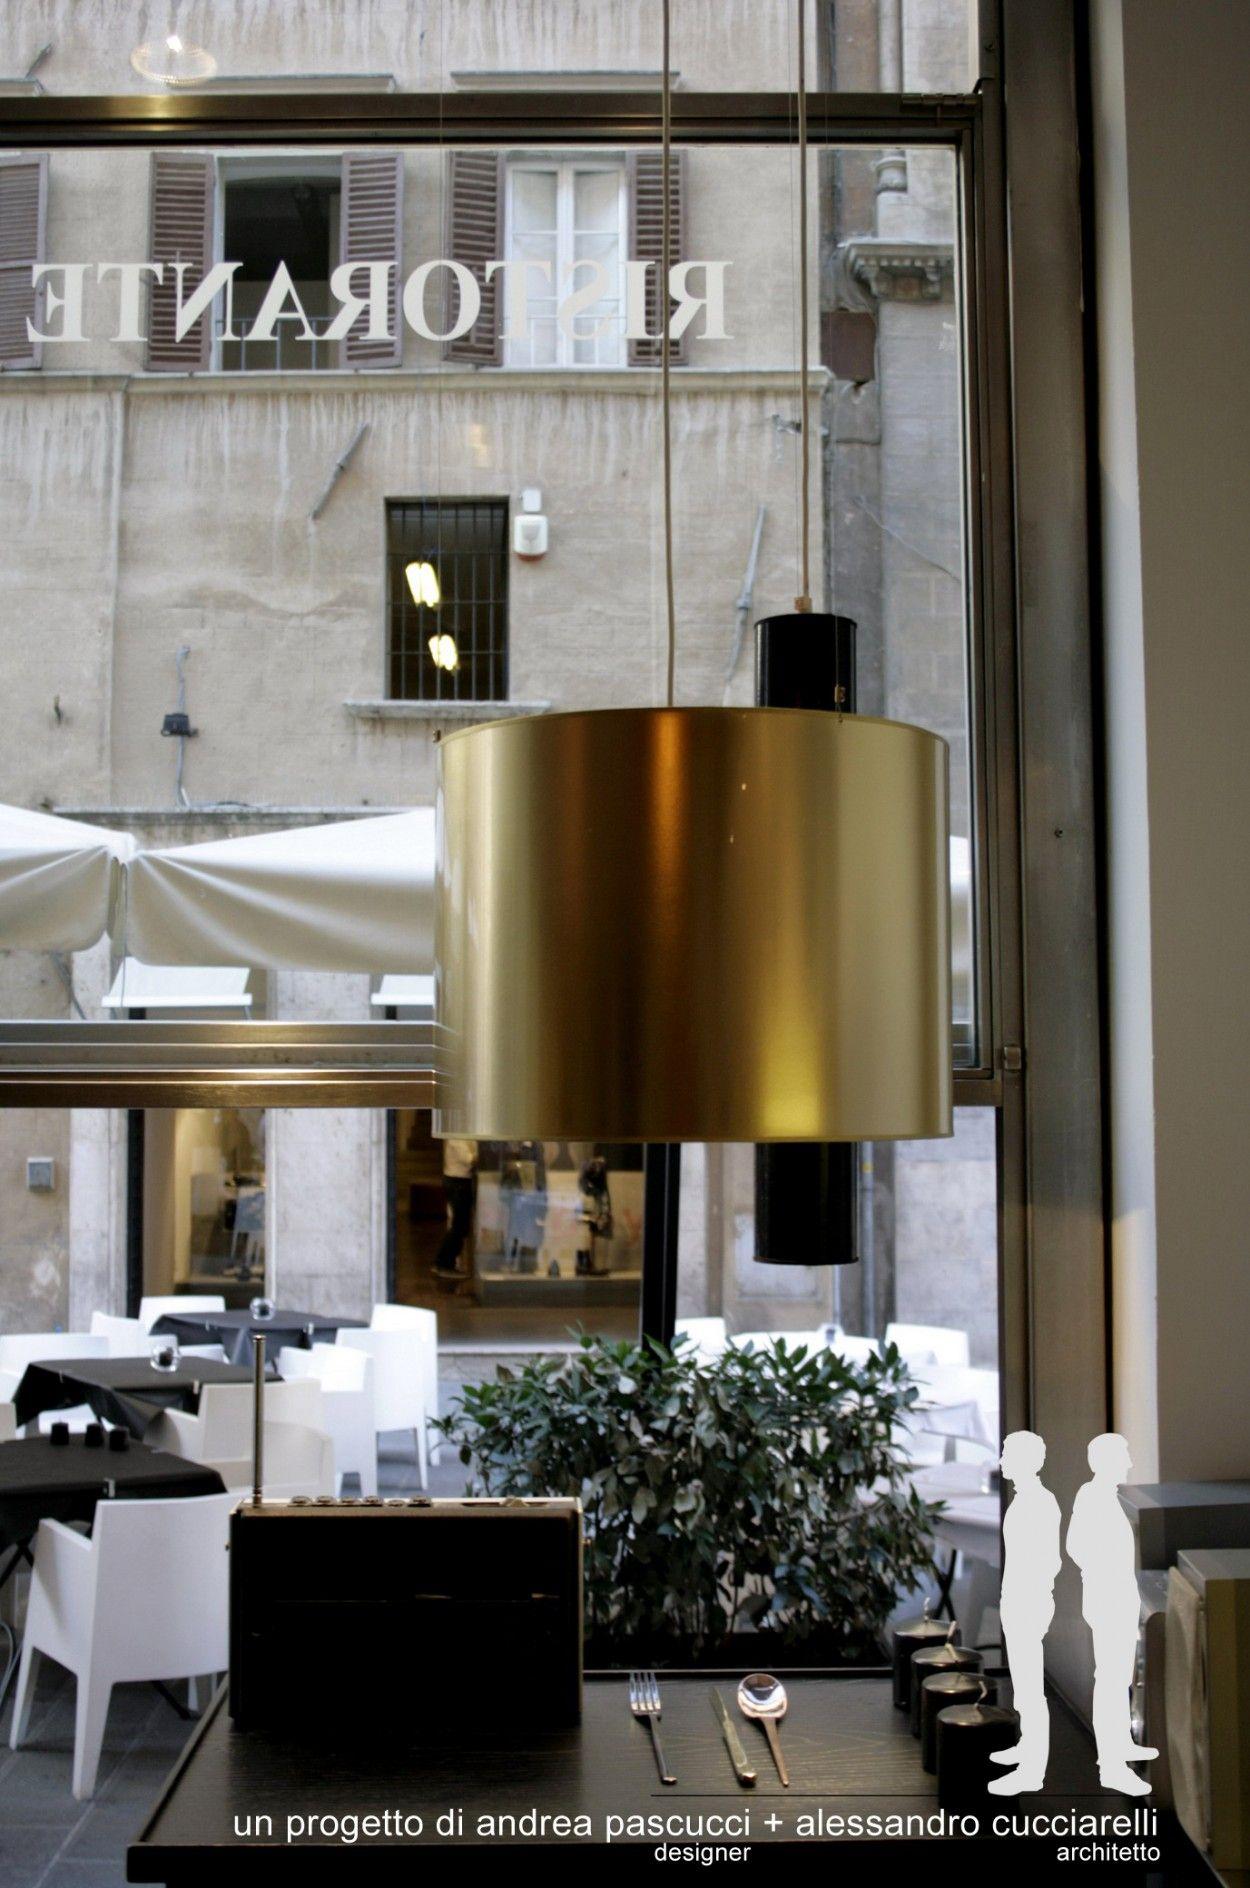 Lampada sospensione in lamina color ottone. Ristorante a